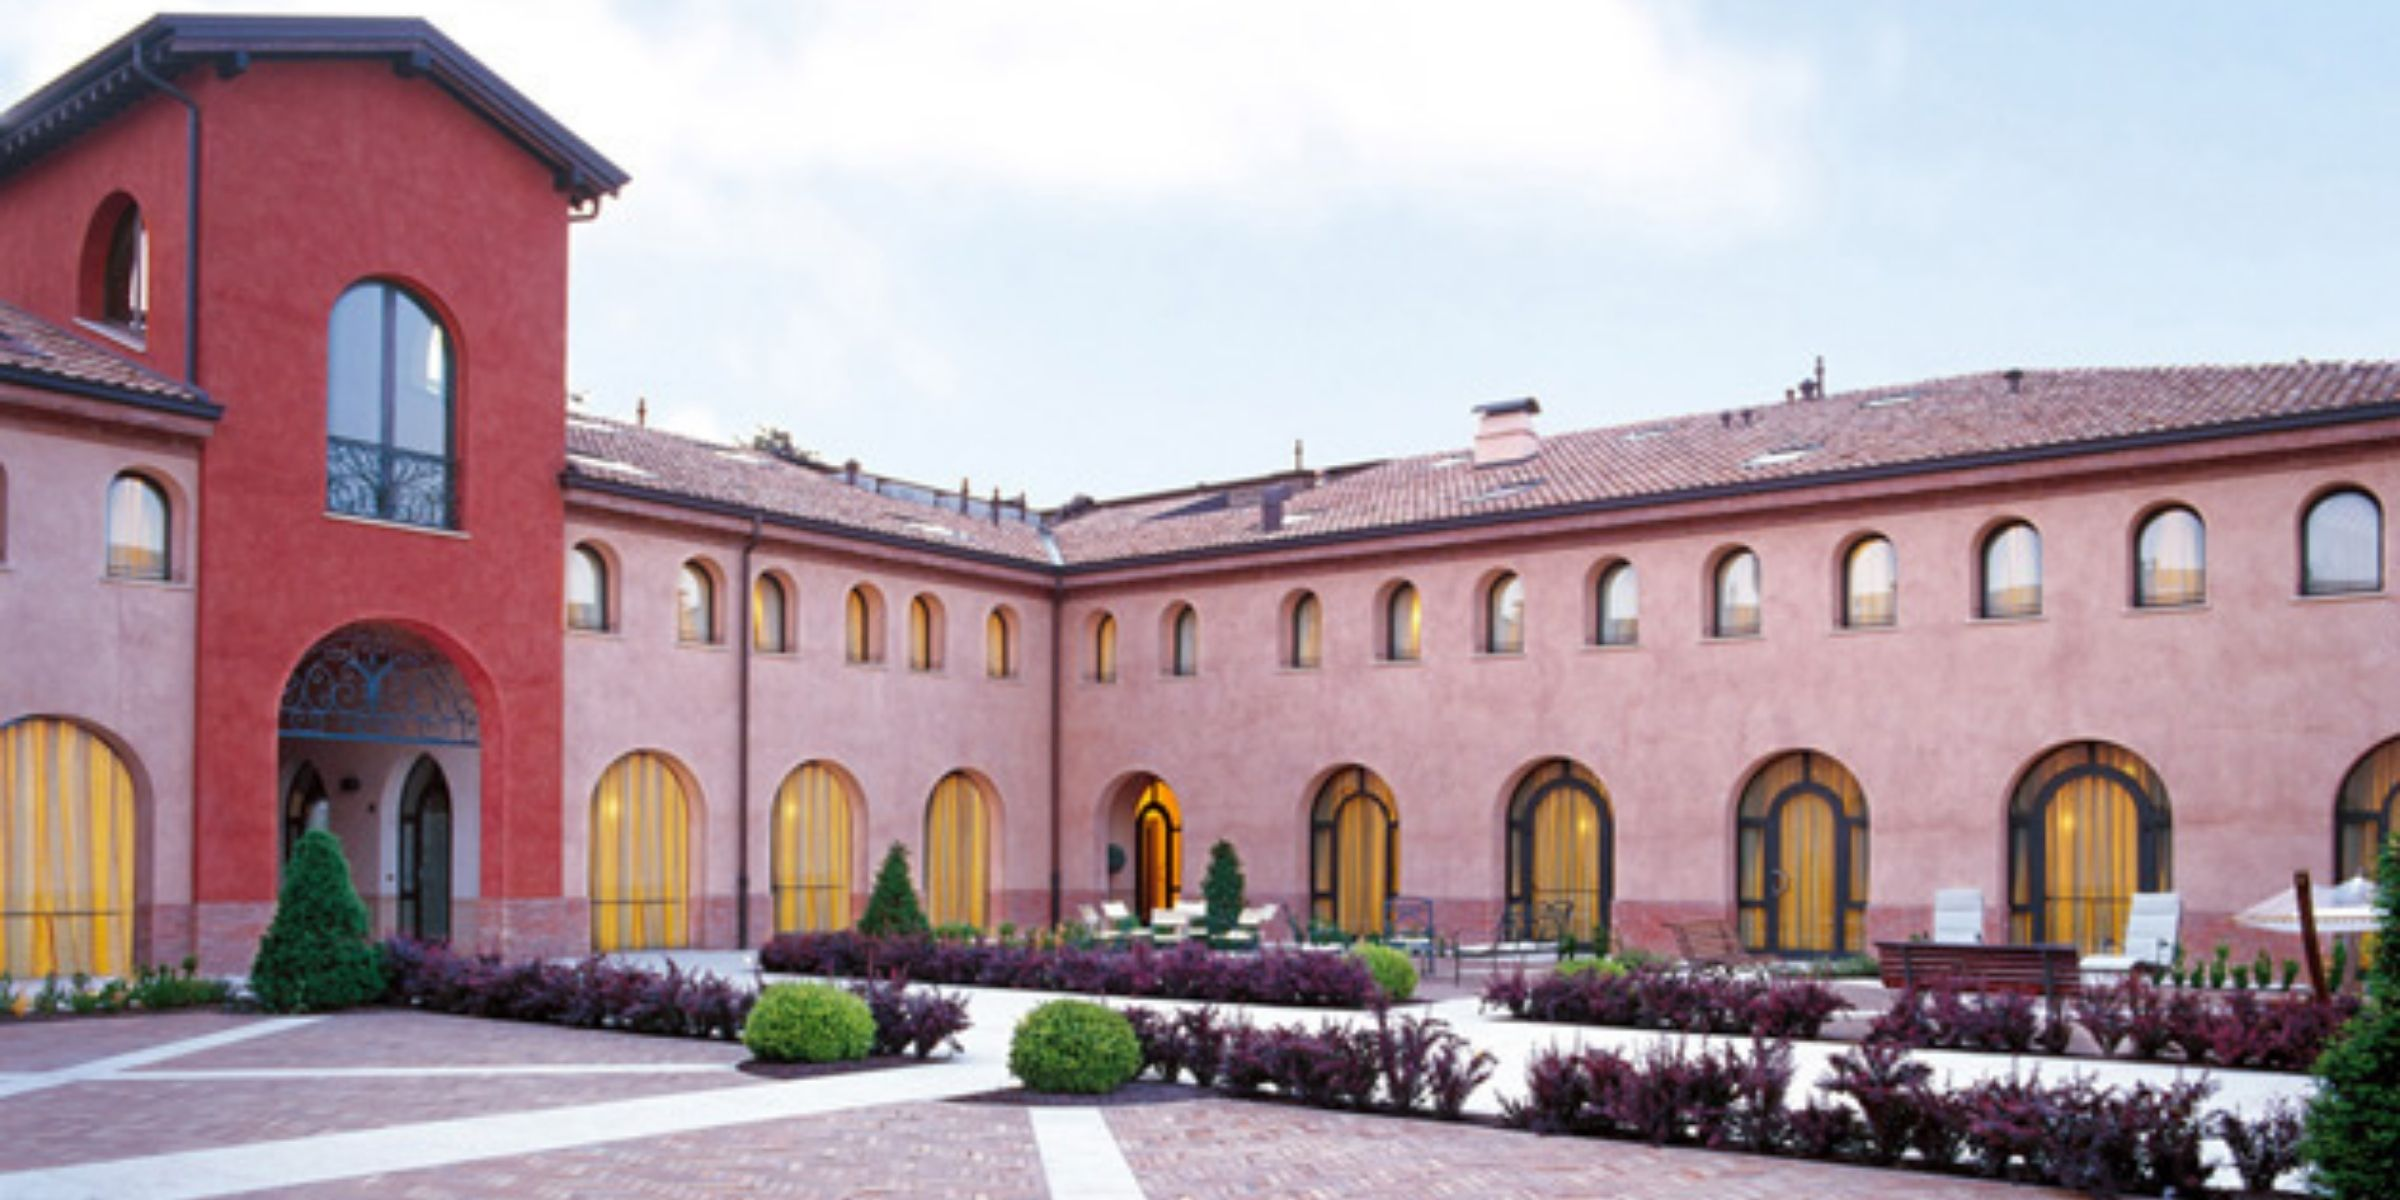 Hotel La Cantina - Medolla Mirandola